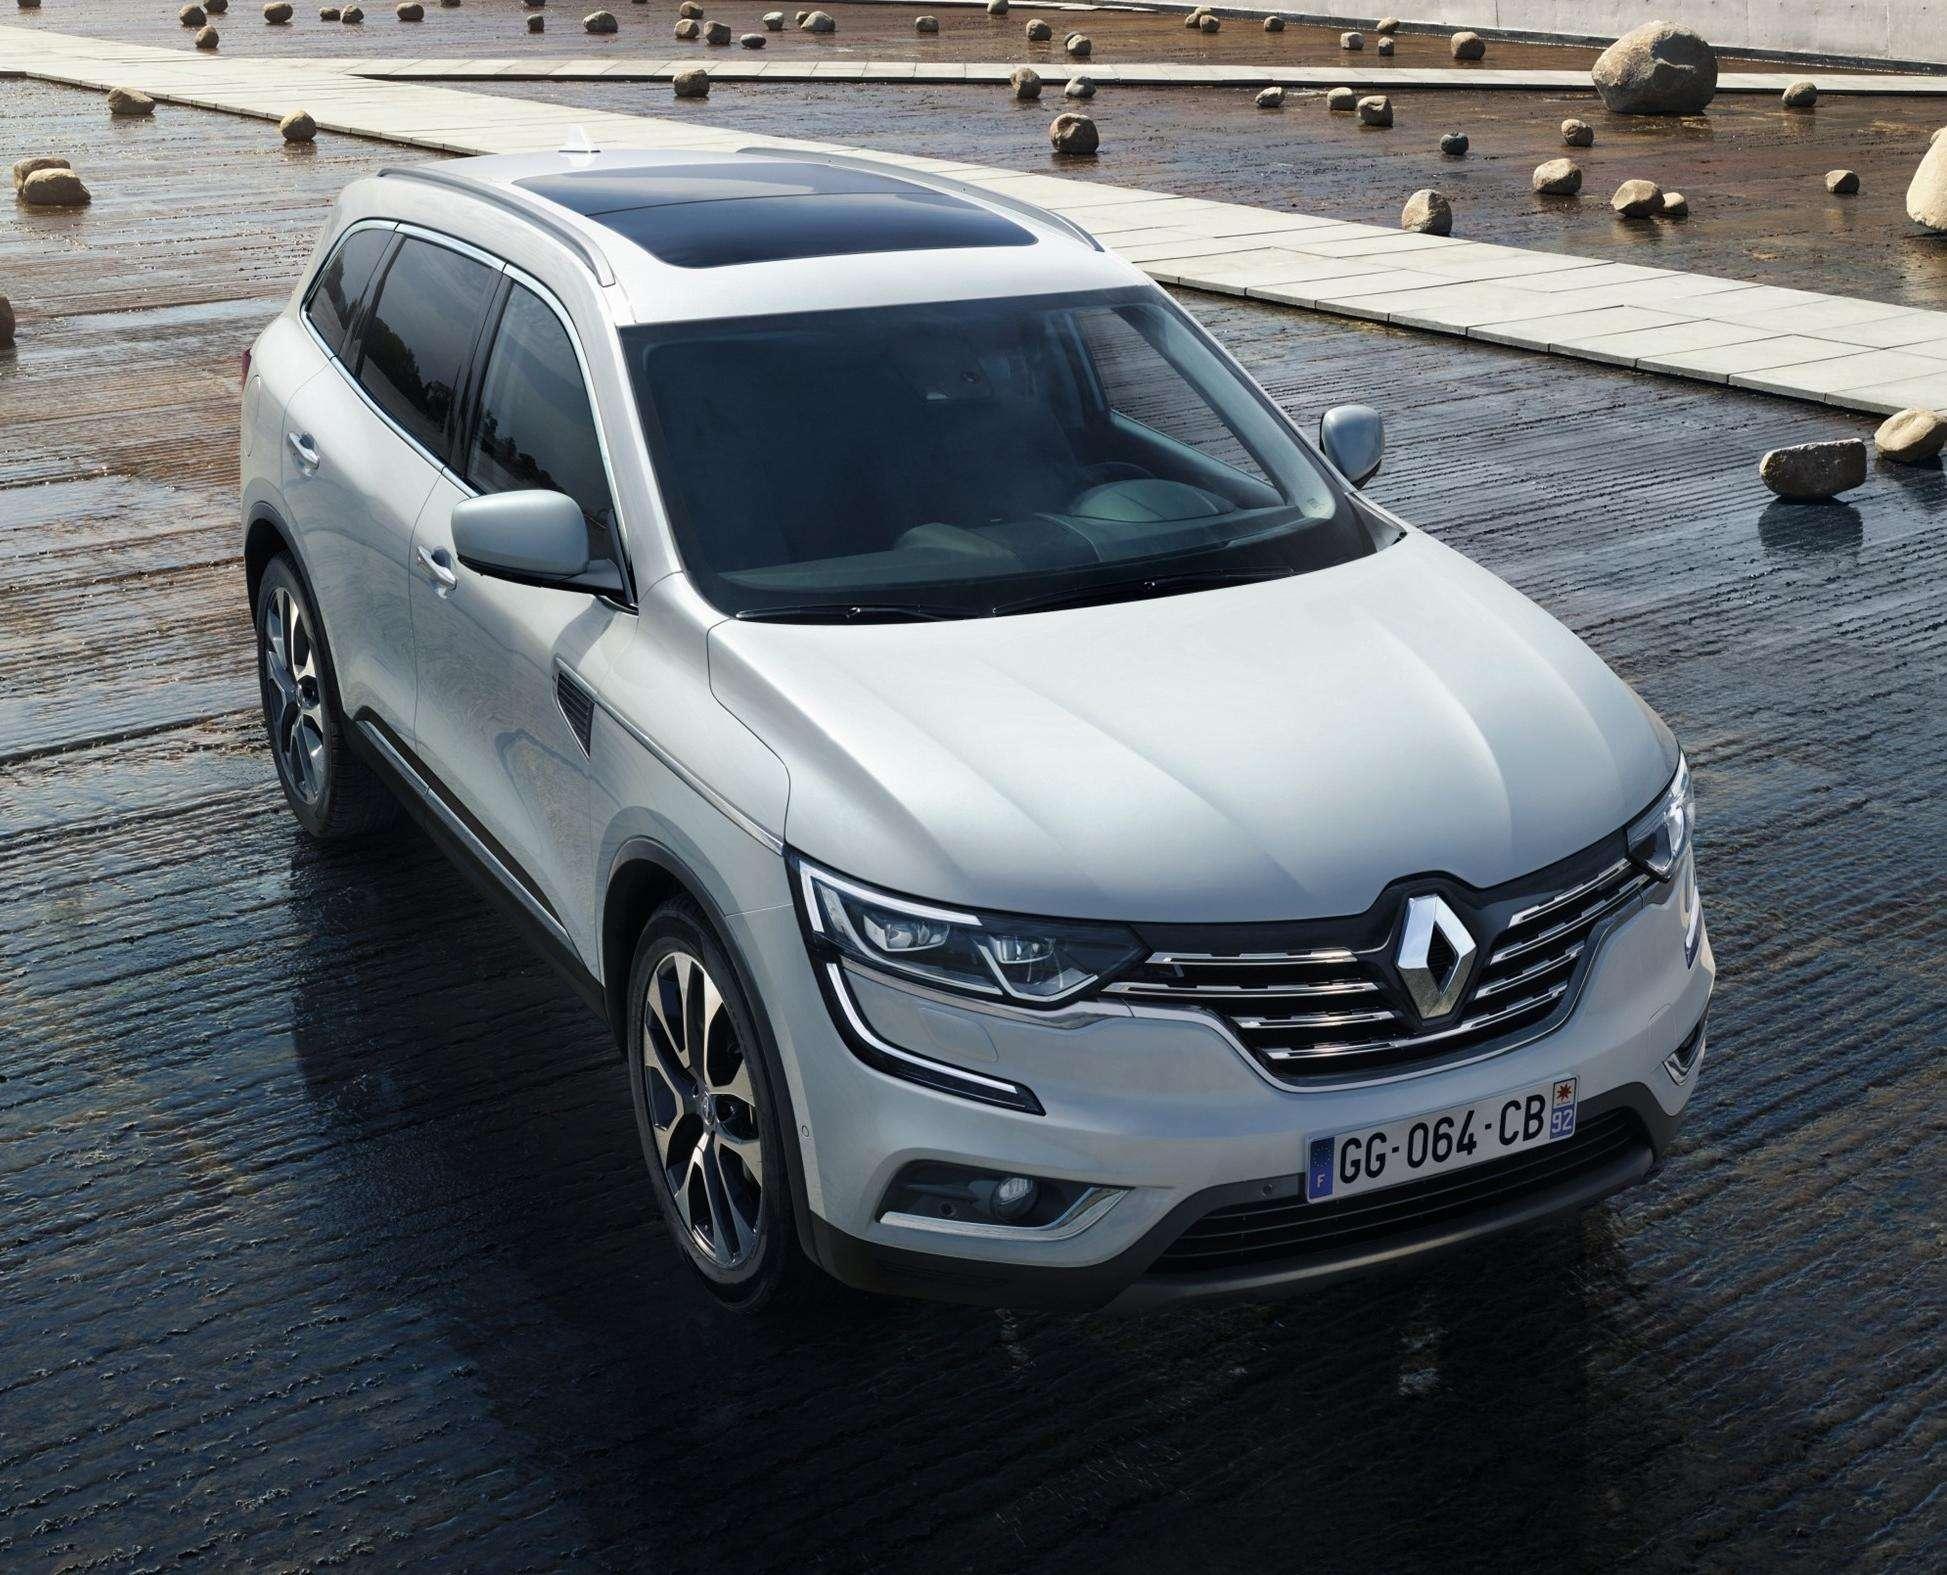 Renault_77488_global_en